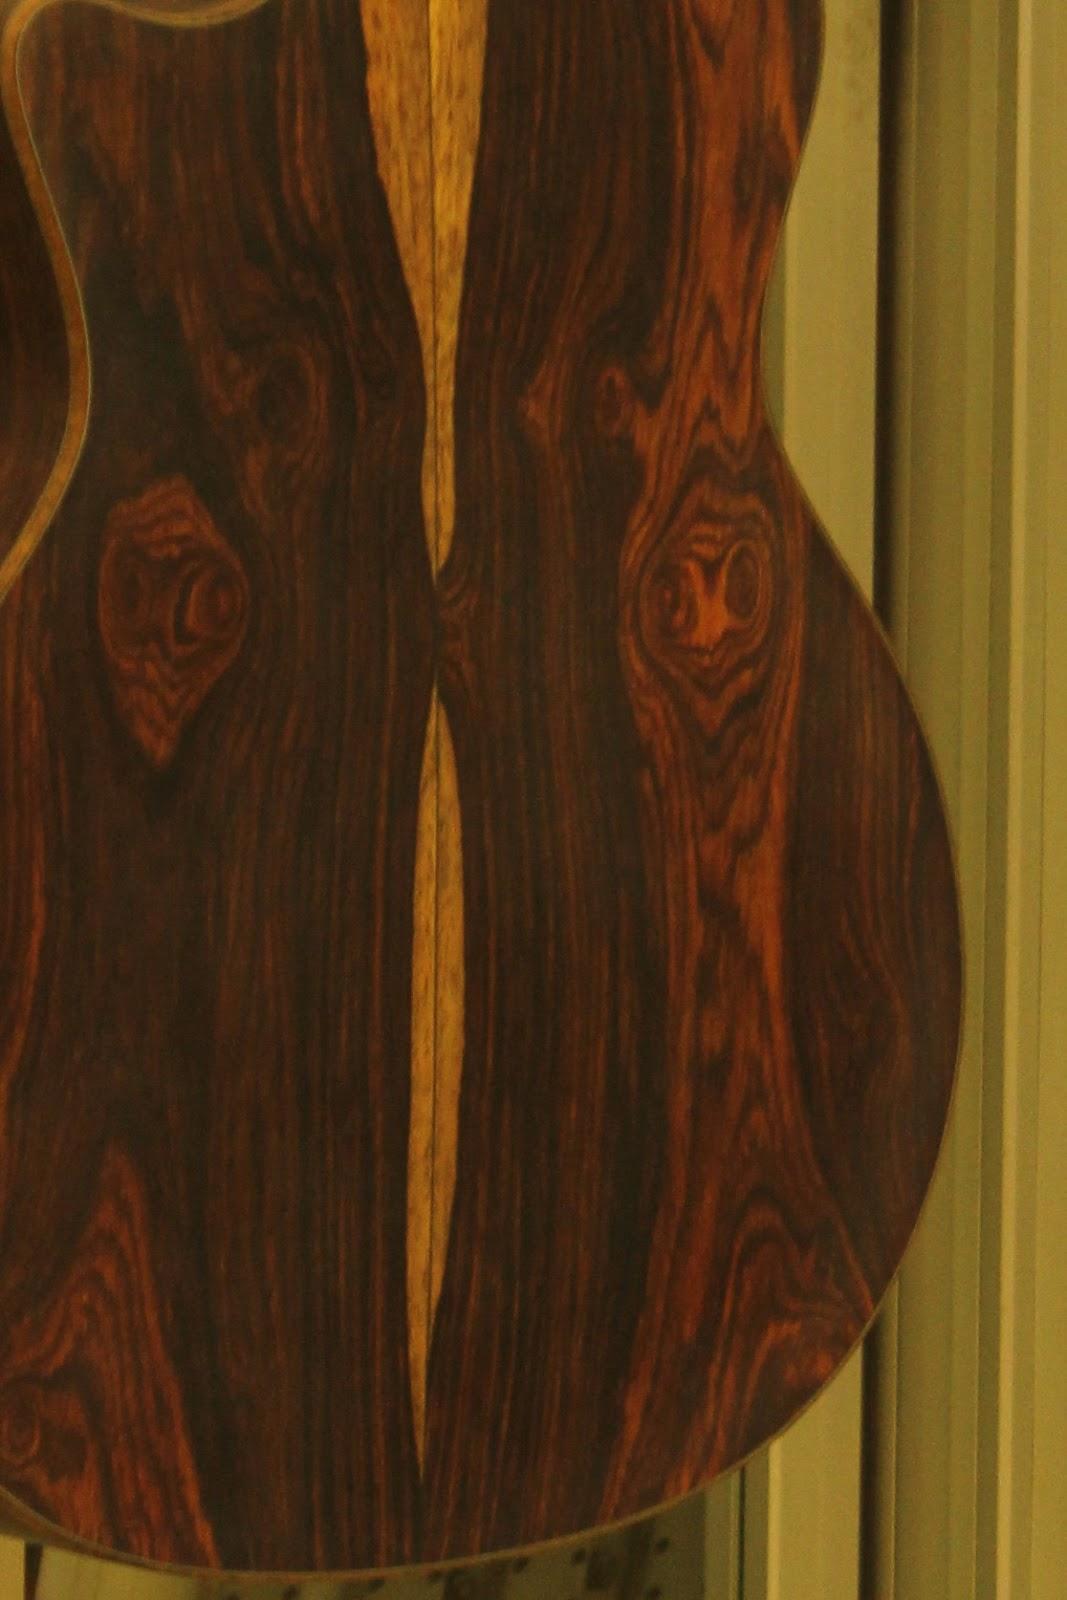 2014_06_23_San Diego_Taylor Guitars_1980 Gillespie Way, El Cajon, CA_D5__040_06.jpg